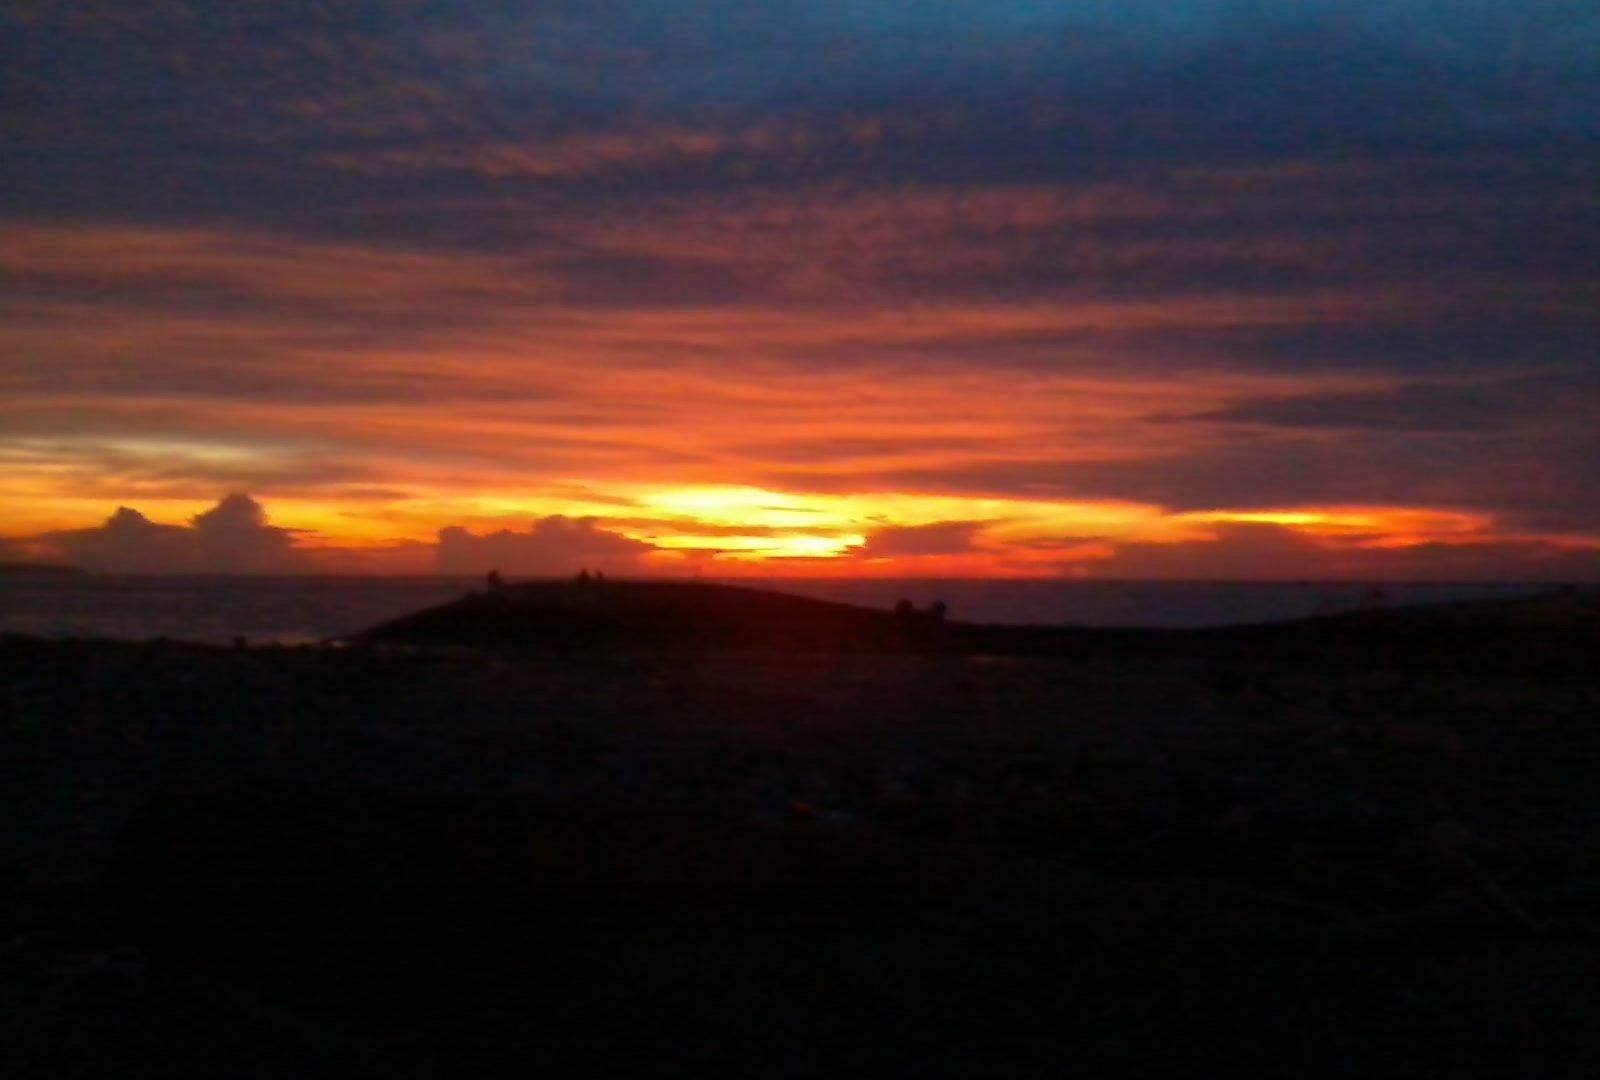 Sunset Day Brilliant Enjoy Sky Amazing Good Sunrise Sunset